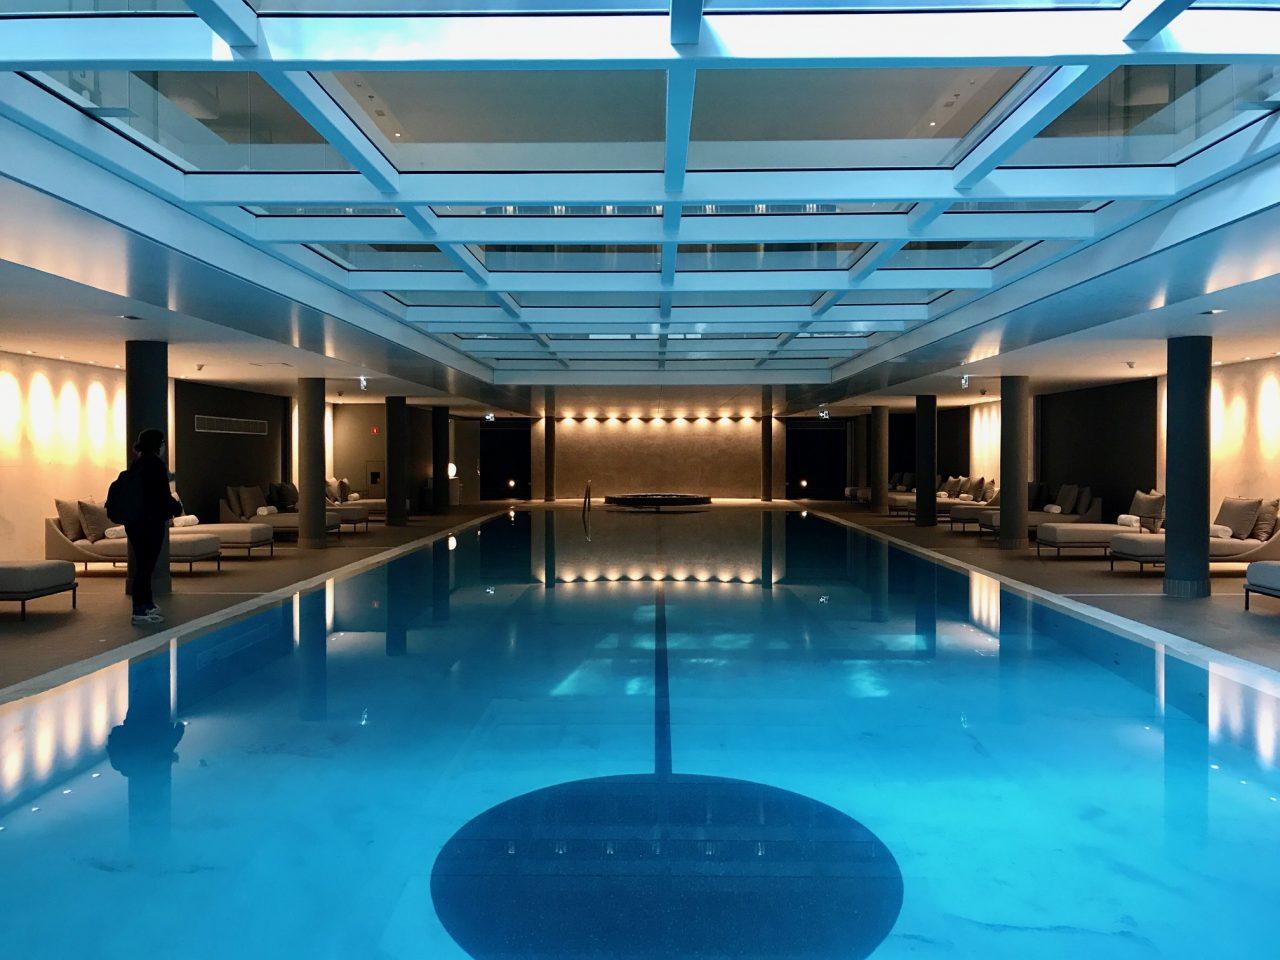 A piscina interna é quase inteira revestida em mármore branco - foto: Renato Salles